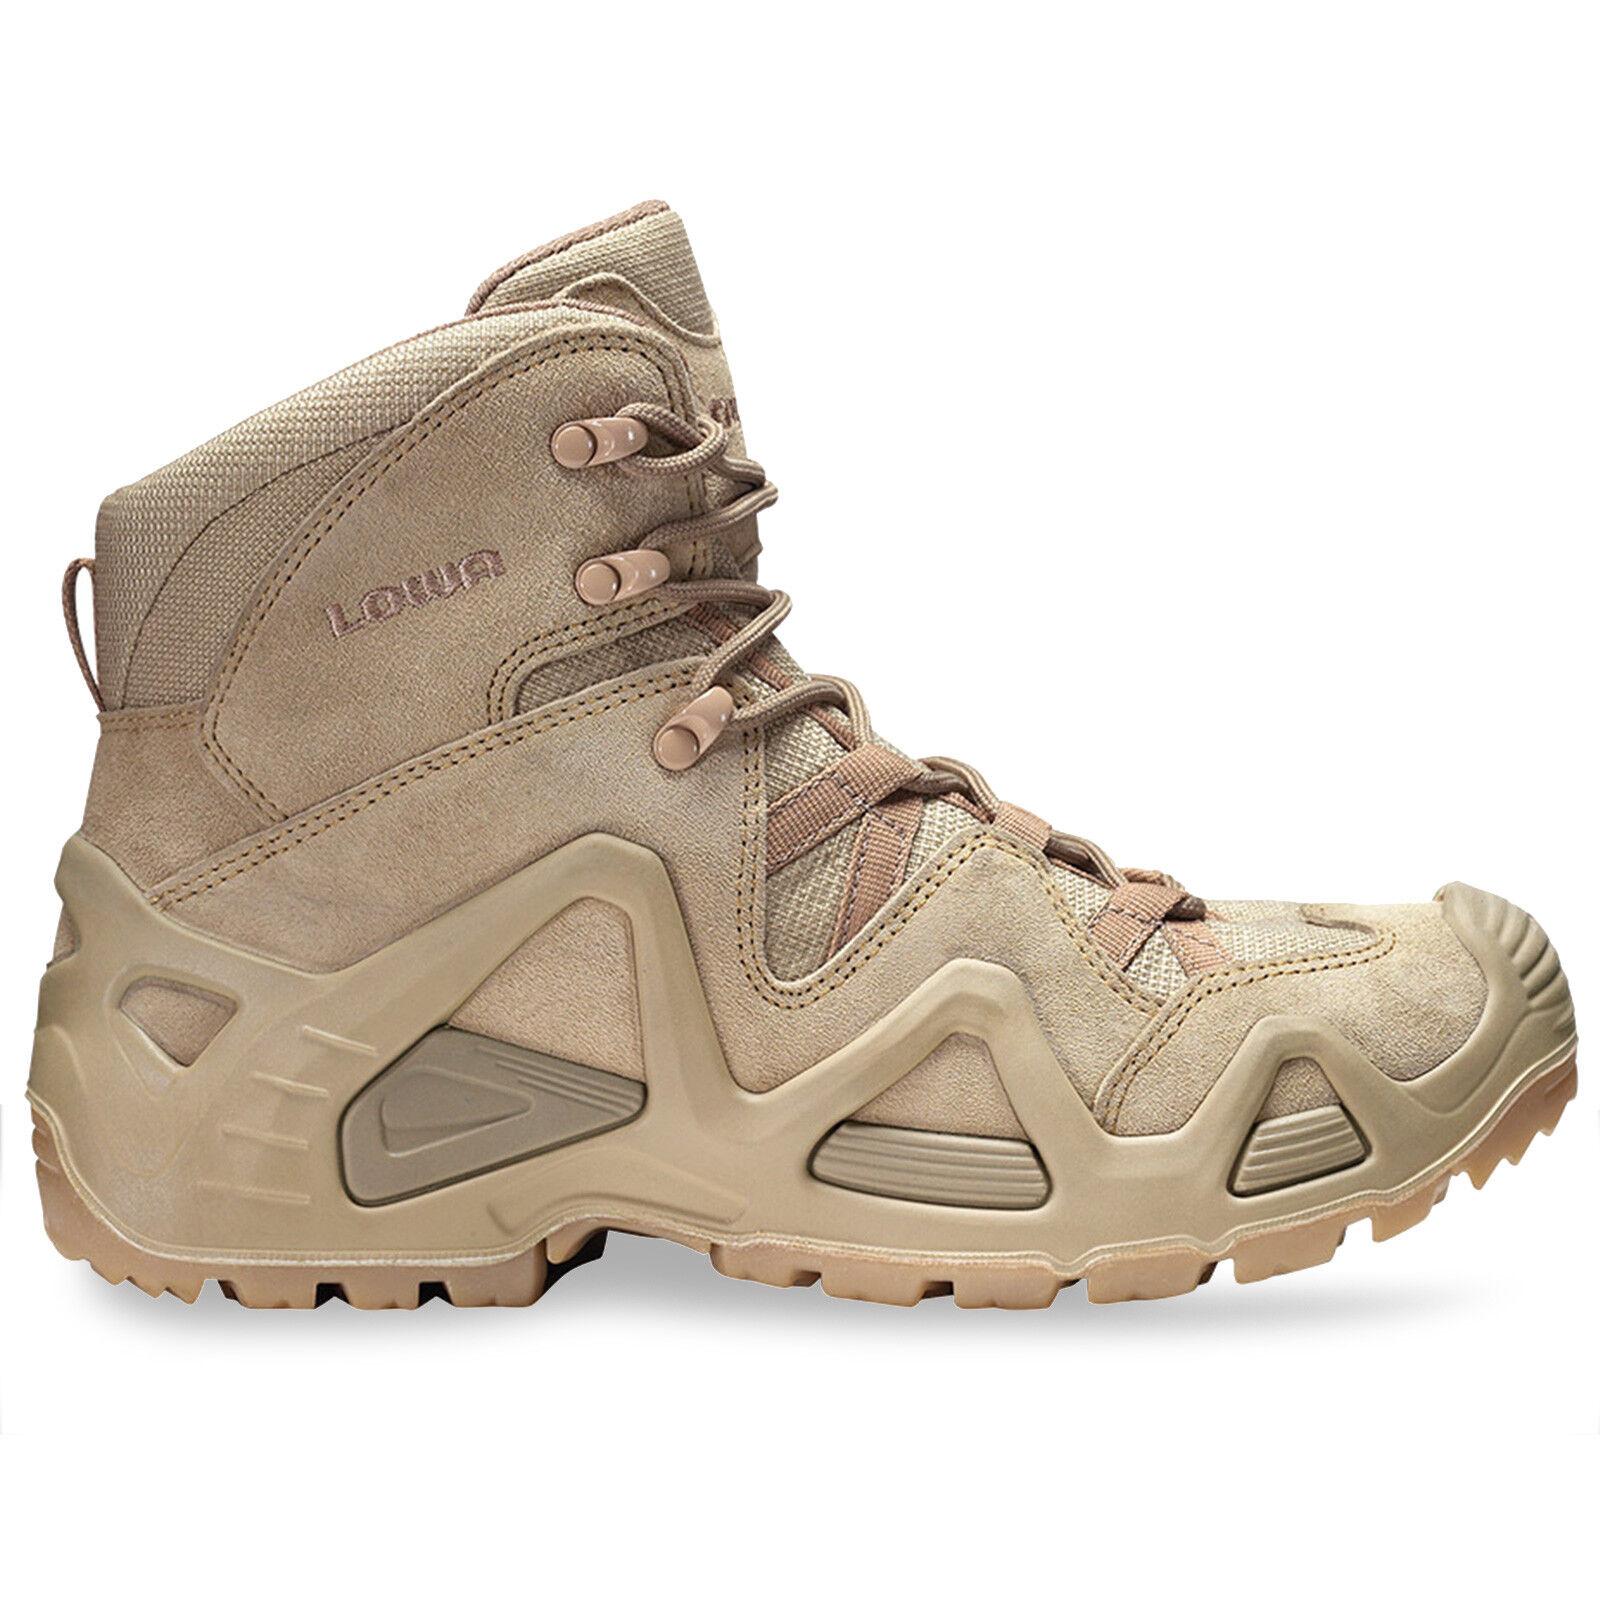 Da Uomo Lowa Zephyr Mid GTX GoreTex GoreTex GoreTex Impermeabile Tattico Militare dell'Esercito Deserto Stivali 46550a